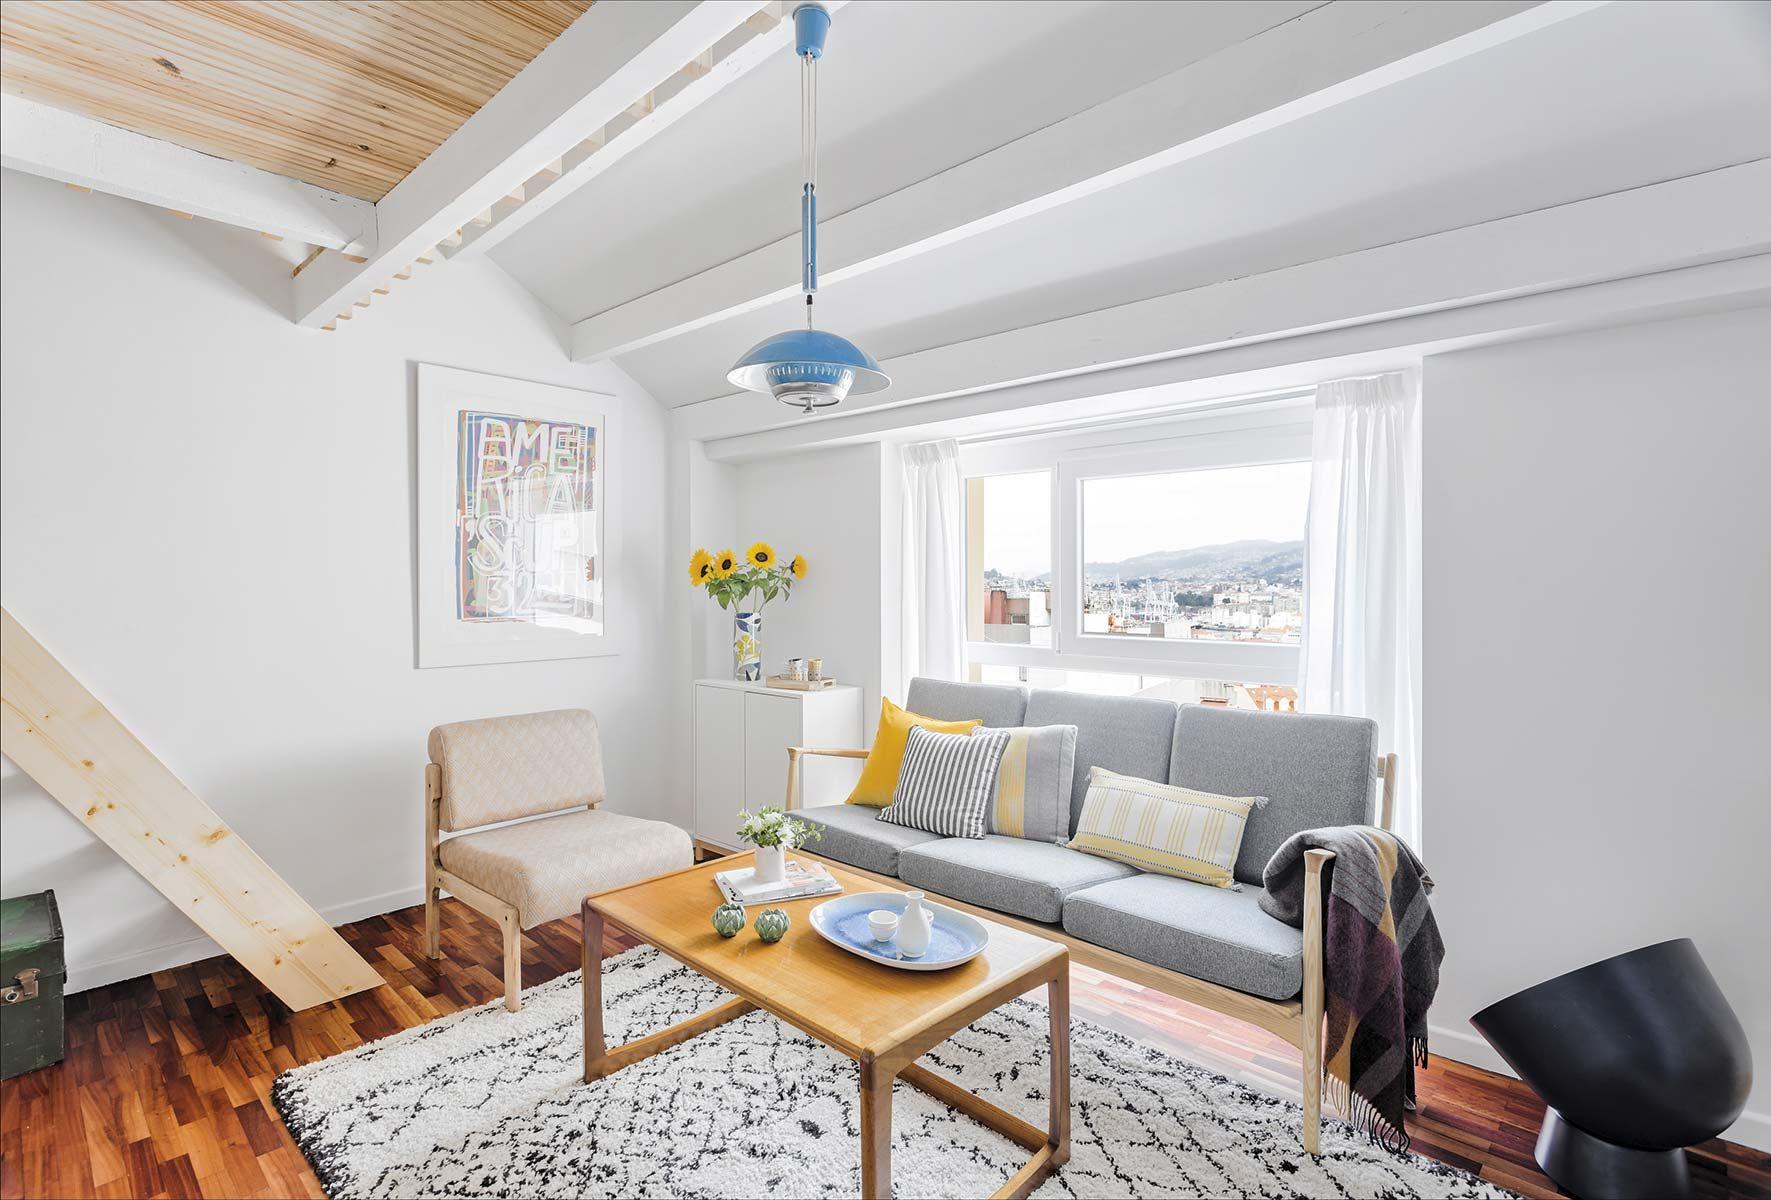 Apartamento pequeño: Zona de estar